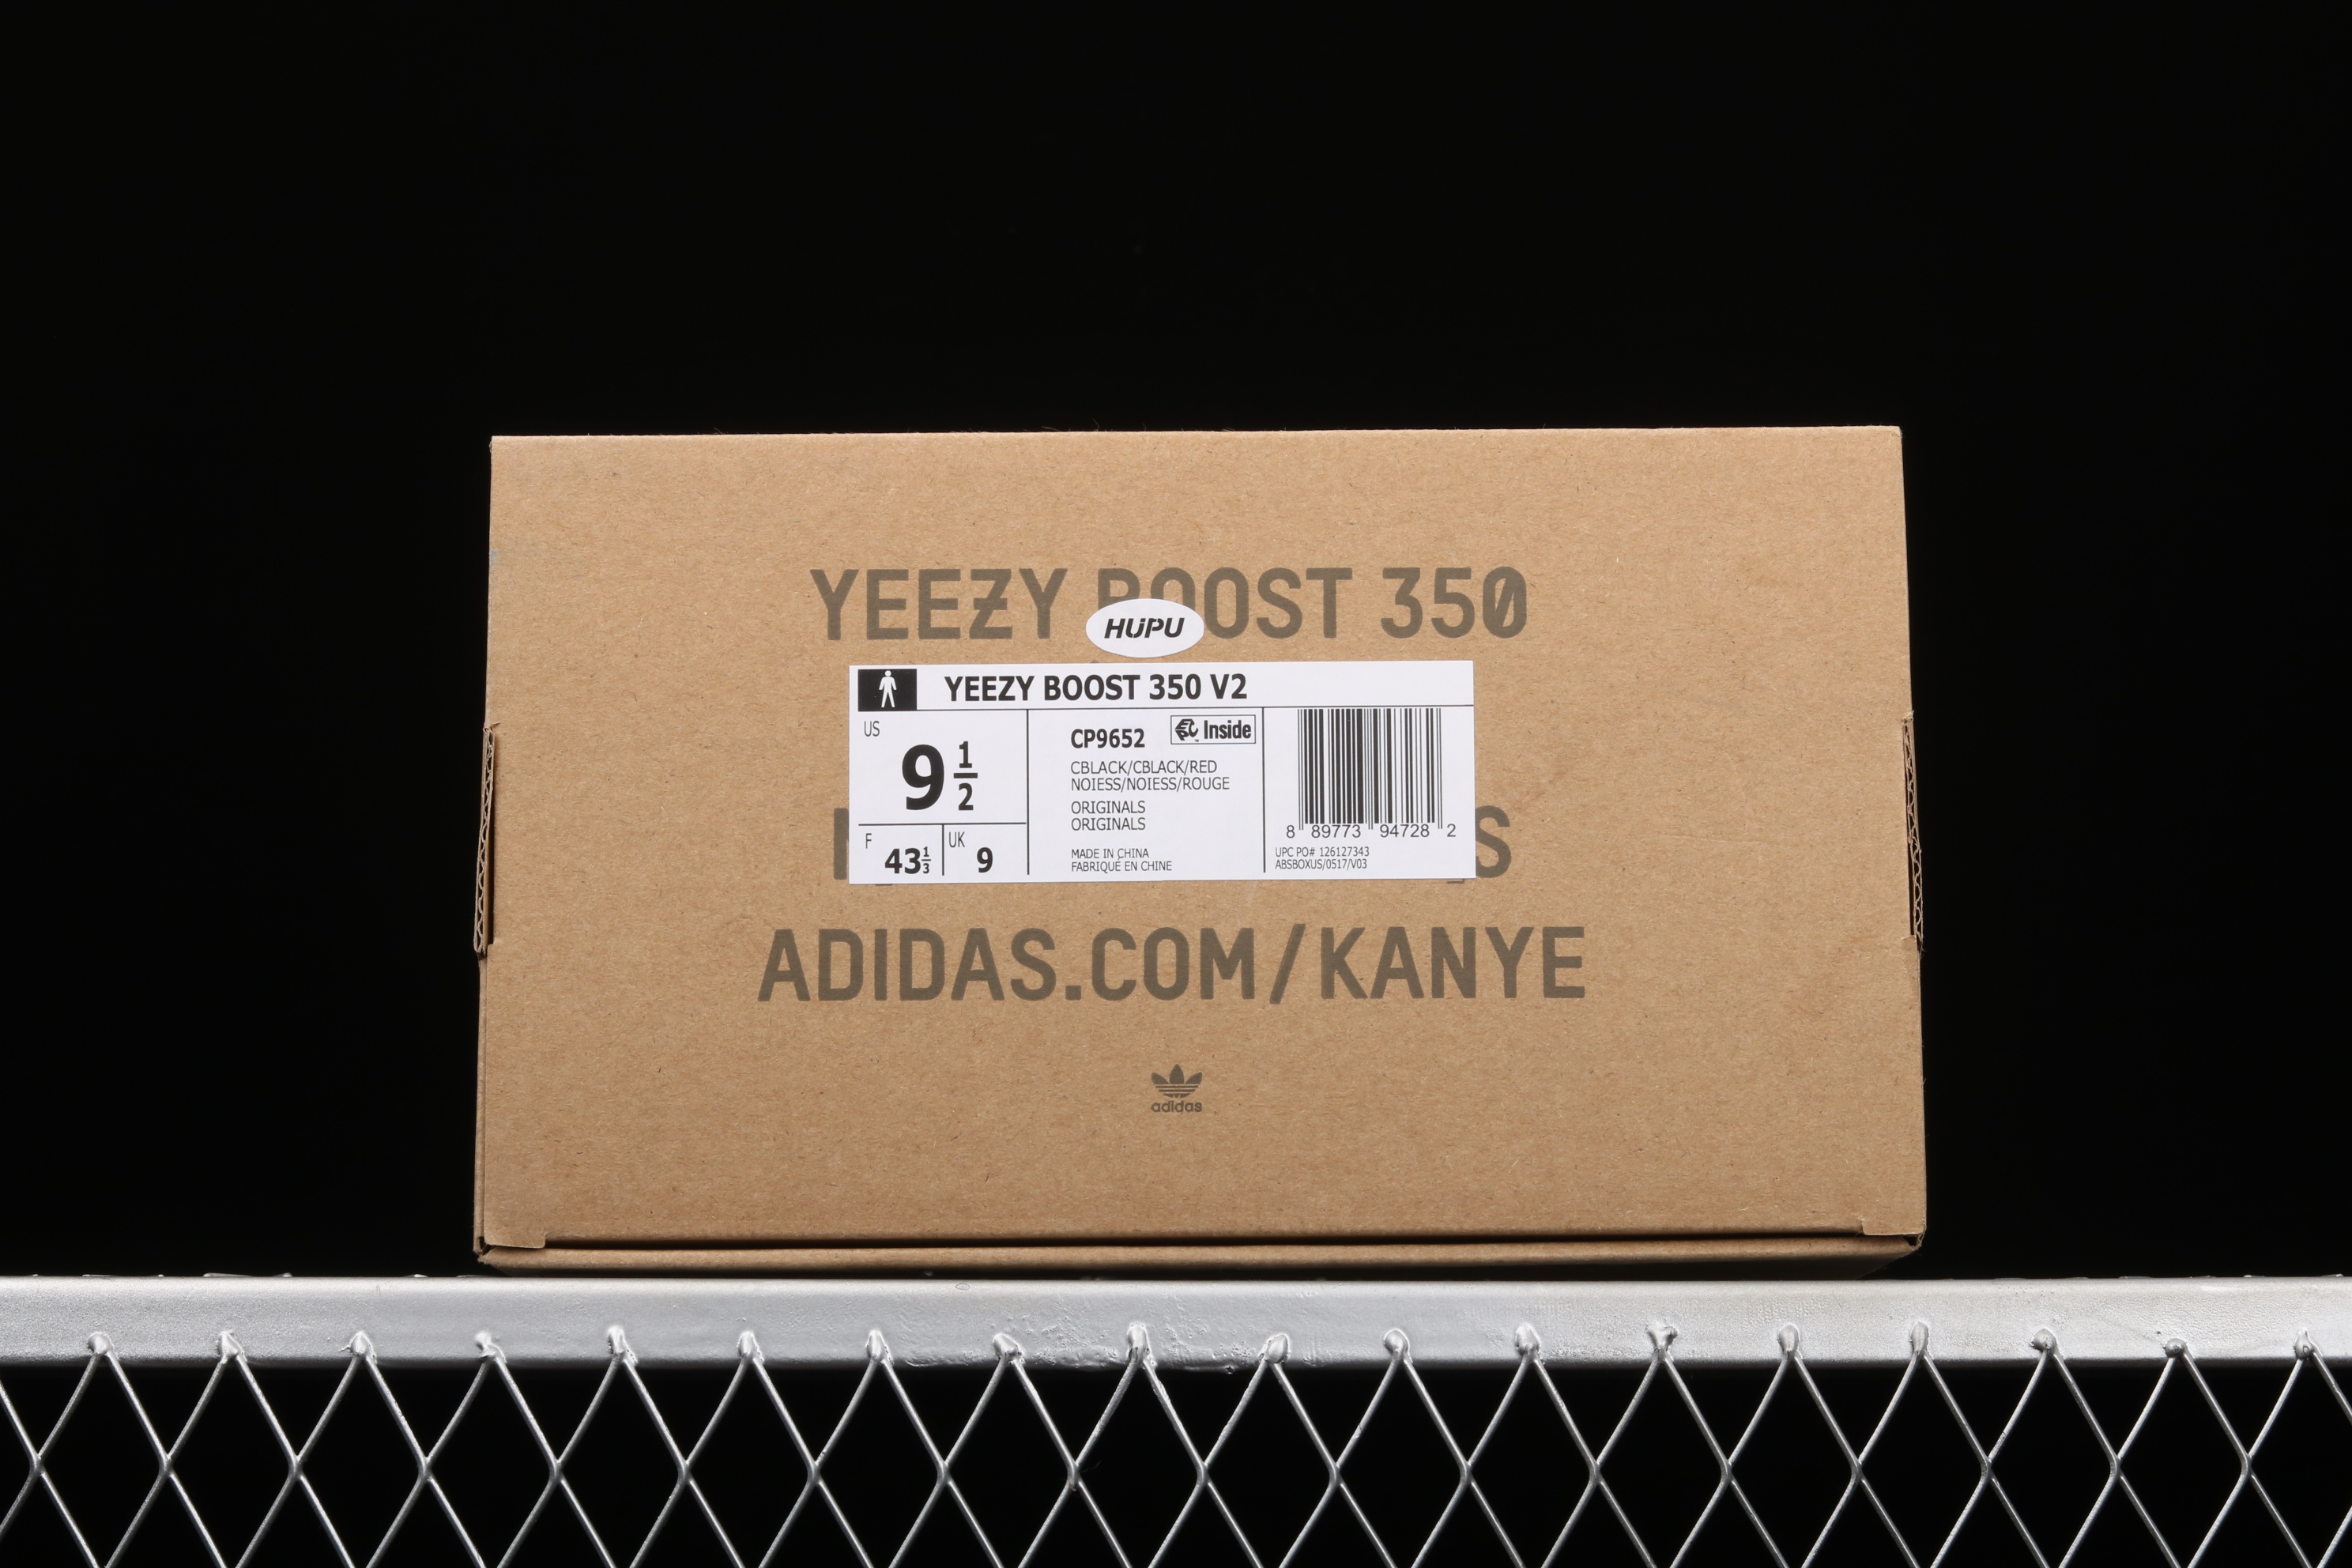 外贸版本 Ad Yeezy 350 V2 Boost Basf CP9652 阿迪达斯椰子350二代 黑红字 巴斯夫爆米花